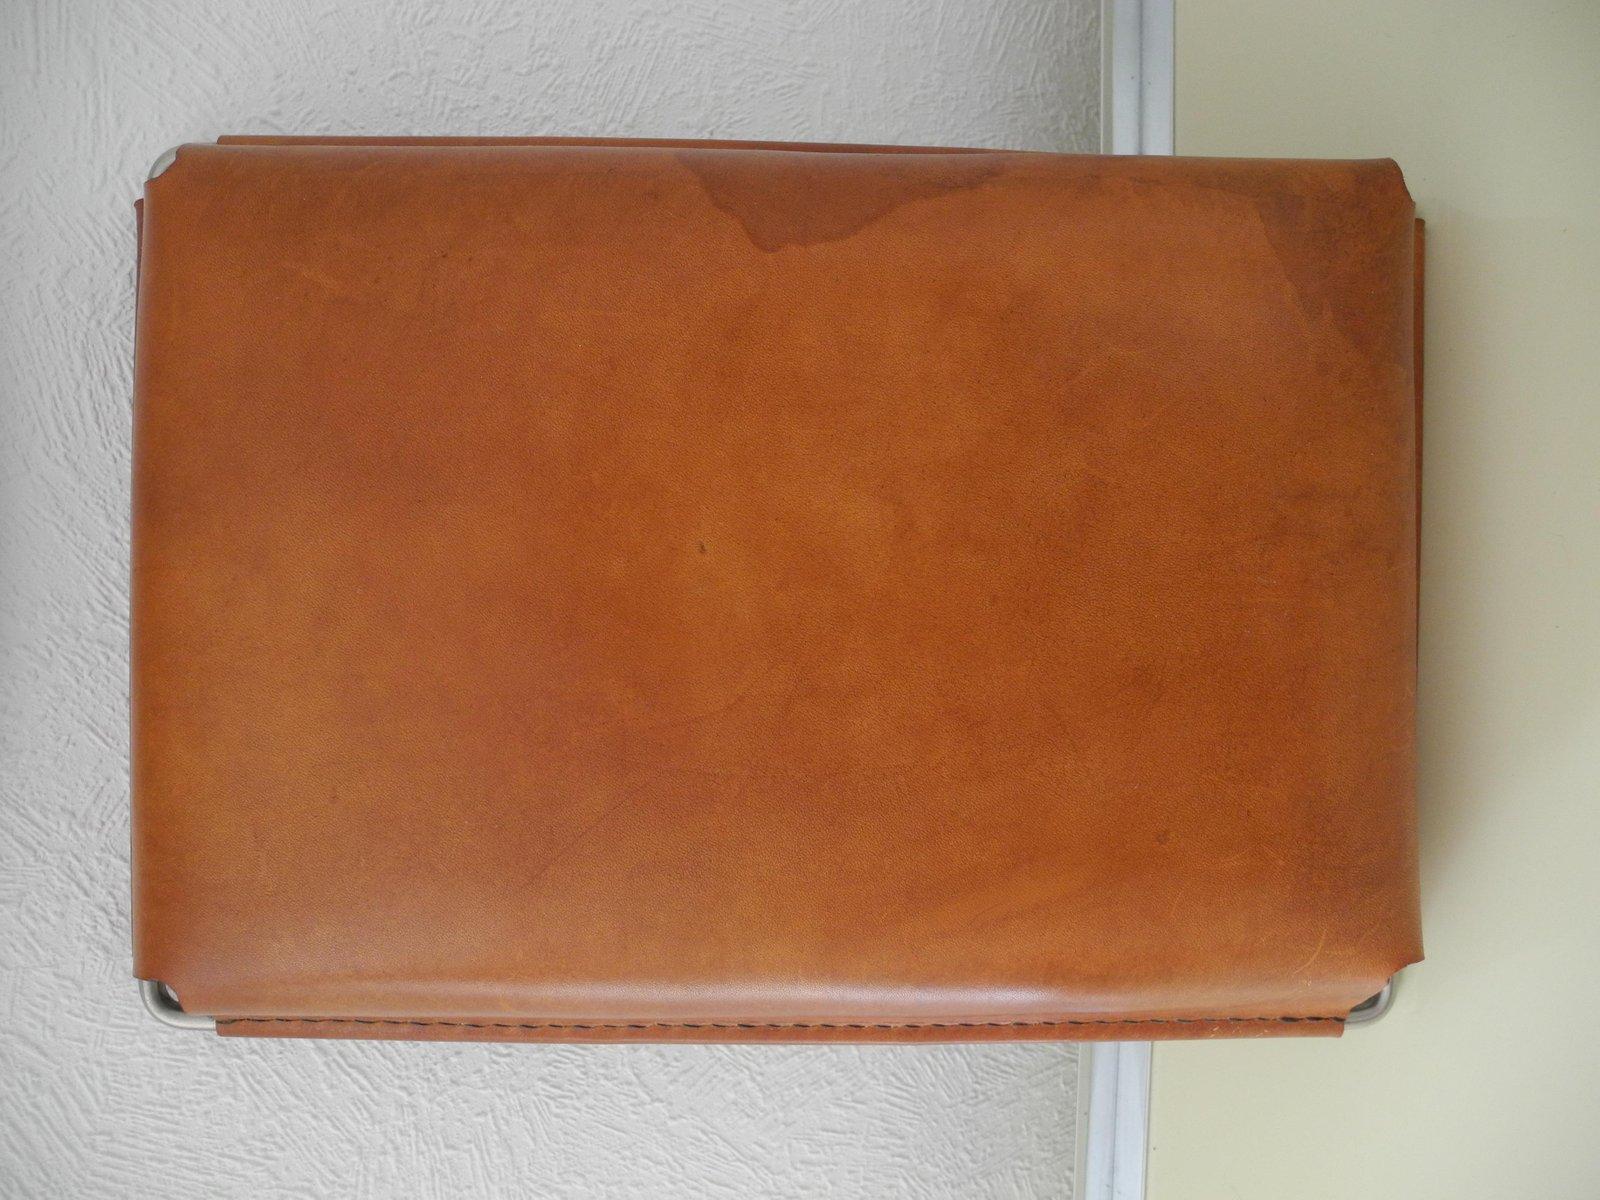 vintage tablett aus cognacfarbenem leder von carl aub ck bei pamono kaufen. Black Bedroom Furniture Sets. Home Design Ideas